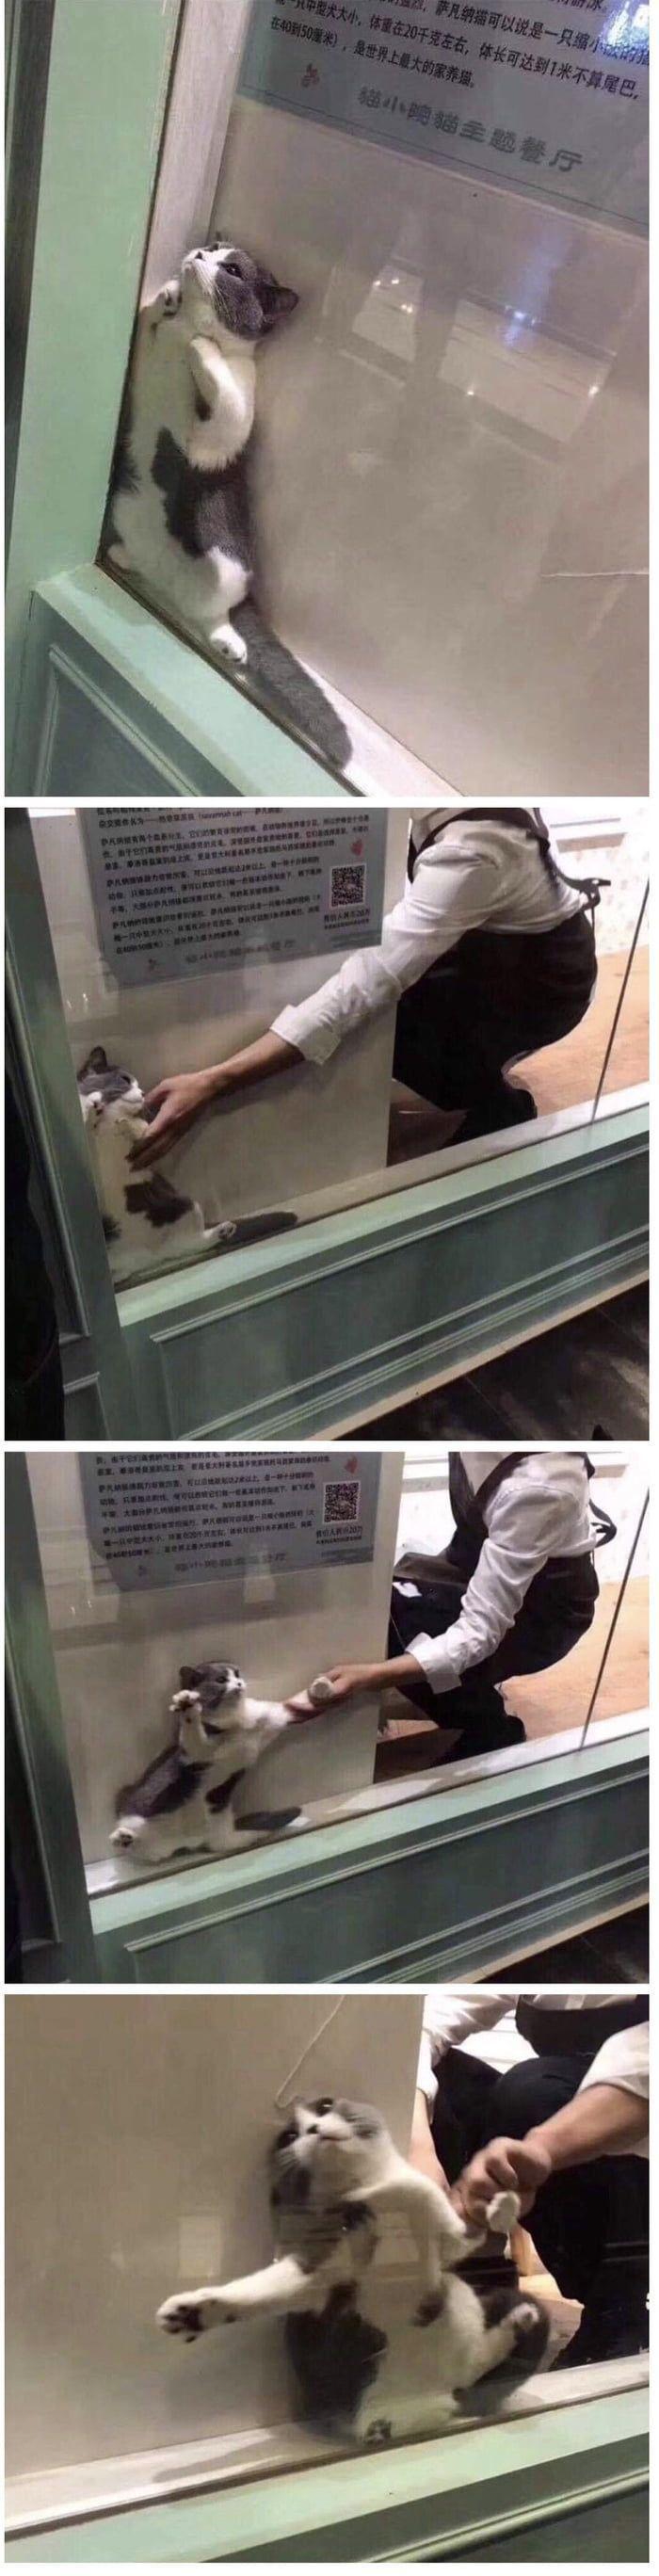 Photo of La forma en que el gato adulto encaja en el espacio de 3 pulgadas demuestra que los gatos son líquidos – Entretenimiento